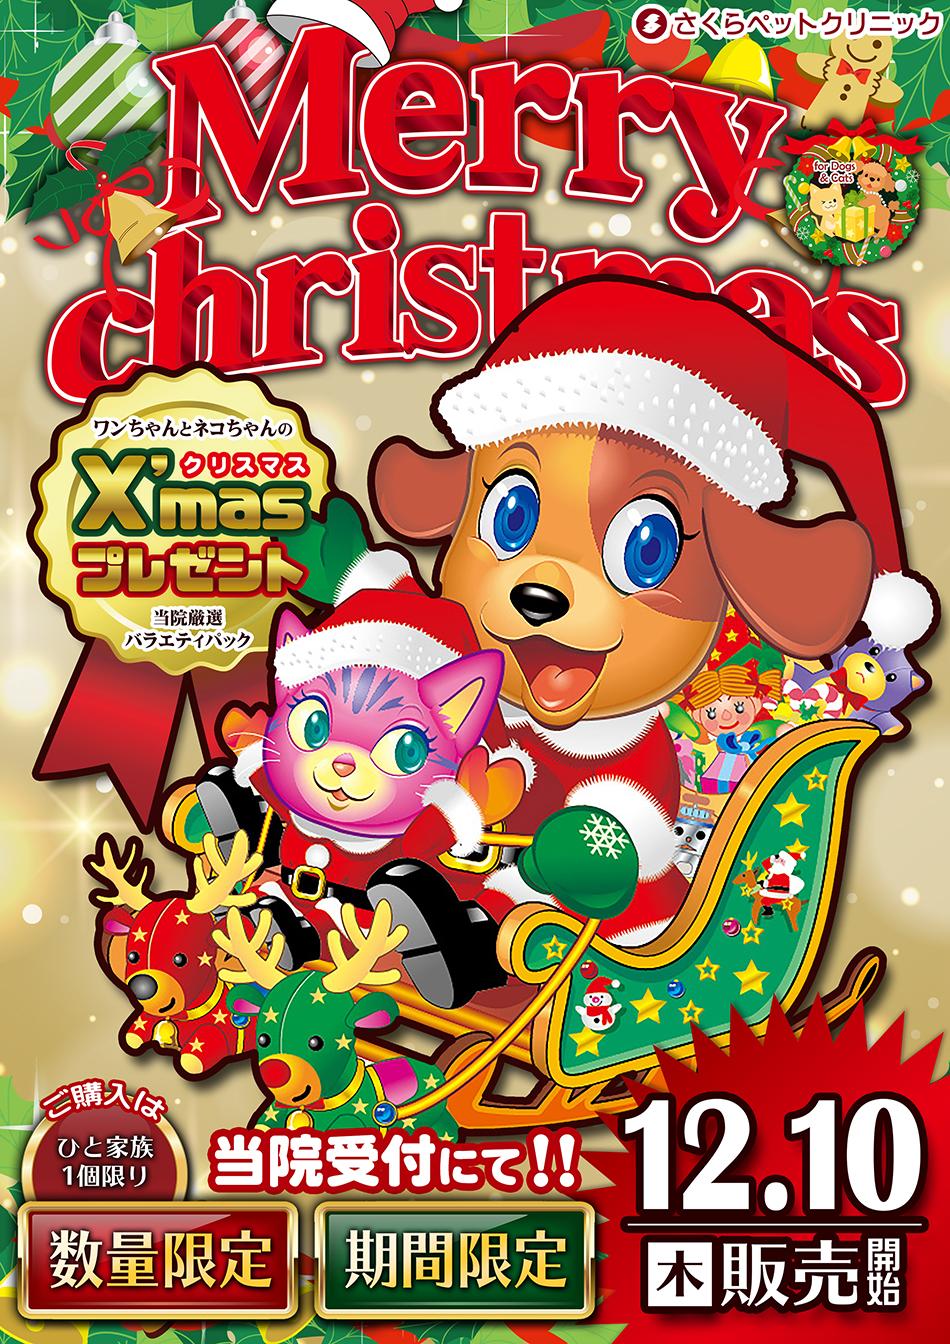 クリスマスプレゼント さくらペットクリニック 動物病院 鹿児島市